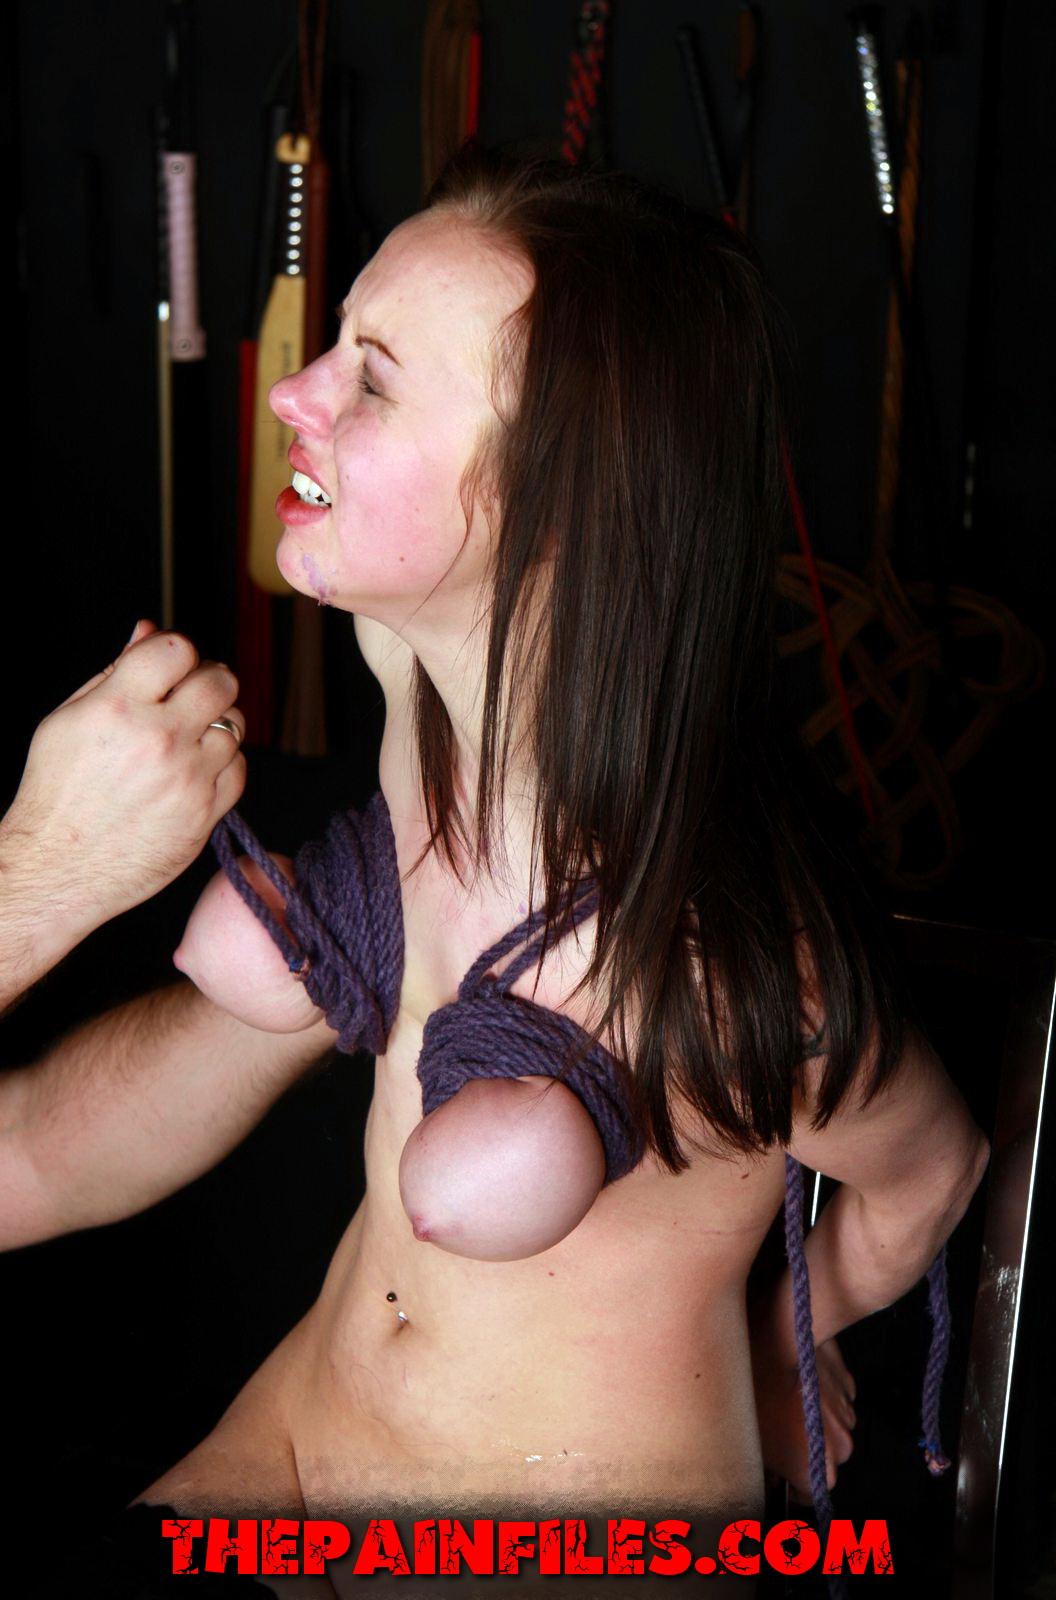 luv remix stripper